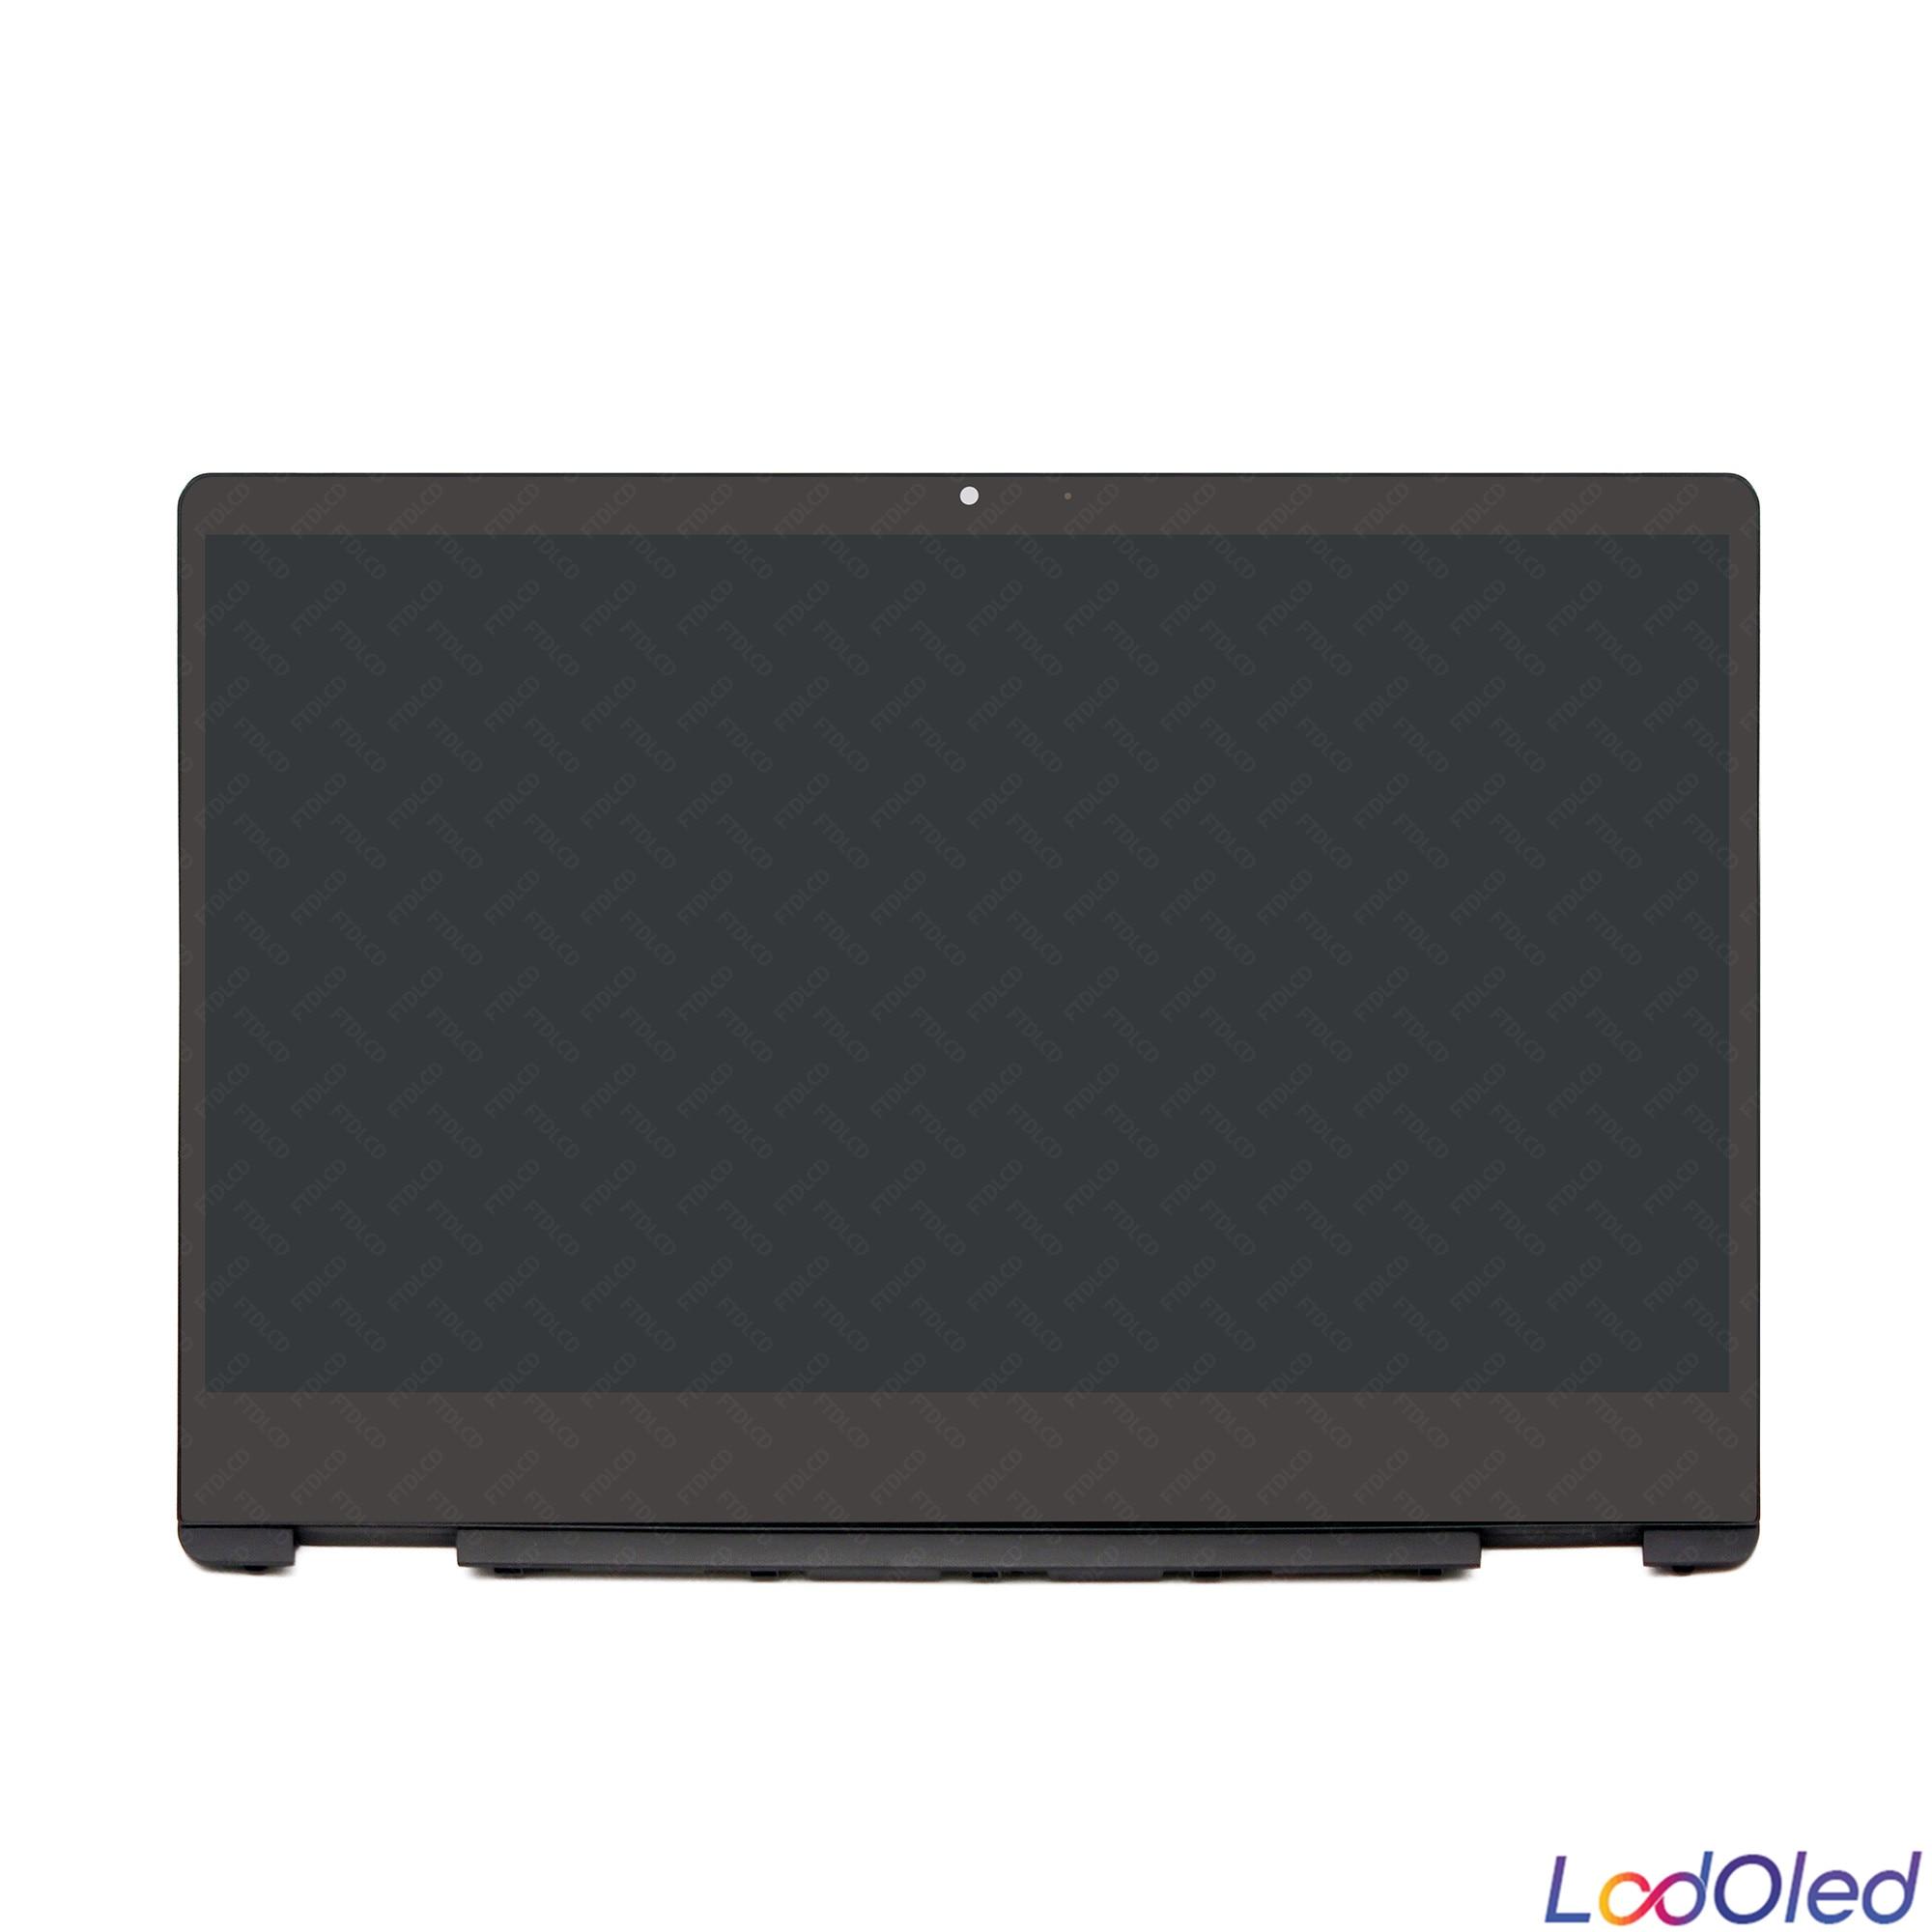 شاشة LCD FHD تعمل باللمس محول الأرقام زجاج الجمعية ل HP بافيليون 14-dh0017ns 14-dh0016ns 14-dh0015ns 14-dh0011ns 14-dh0010ns